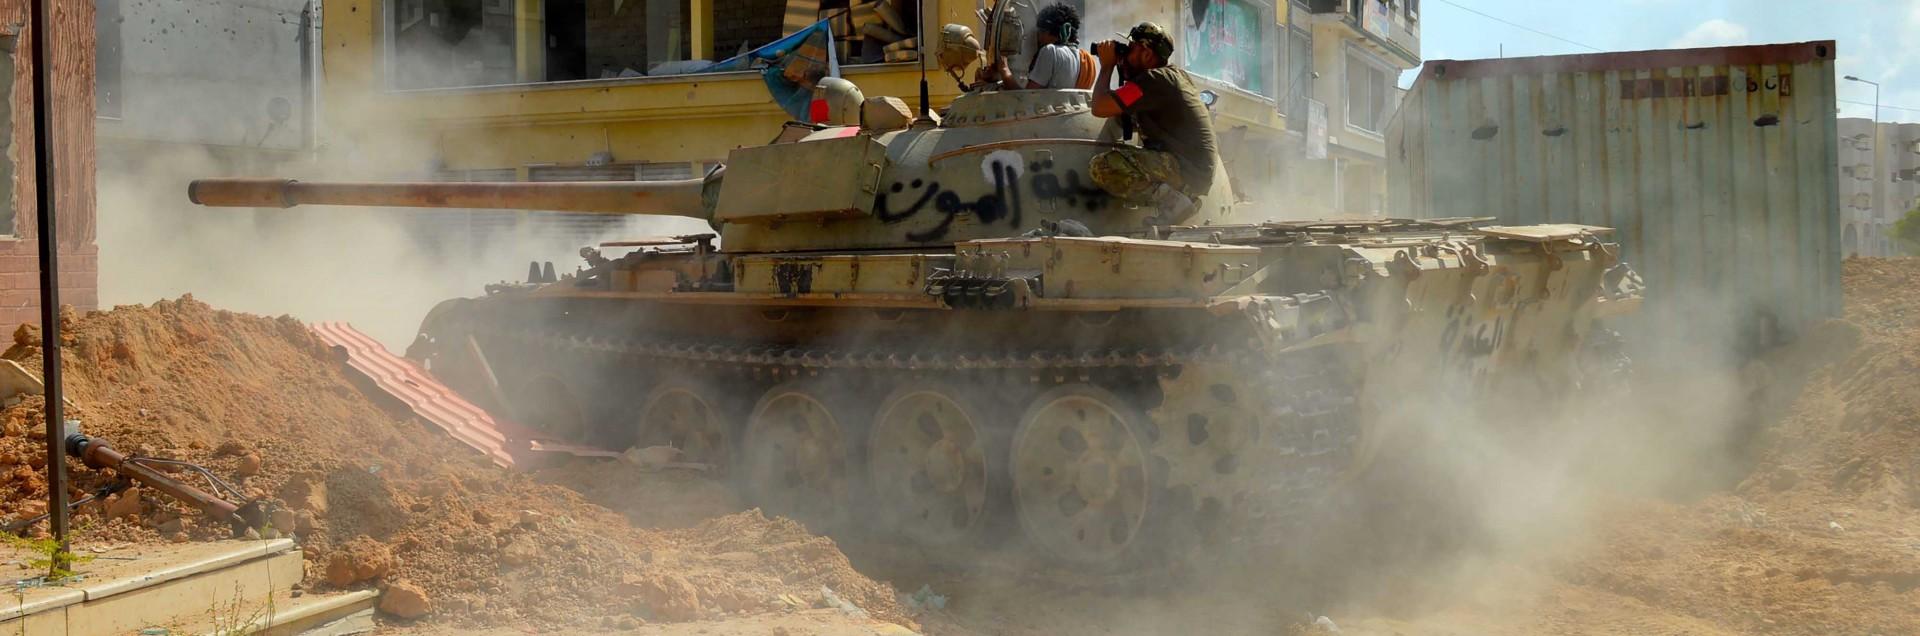 L'ultima battaglia contro lo Stato islamico